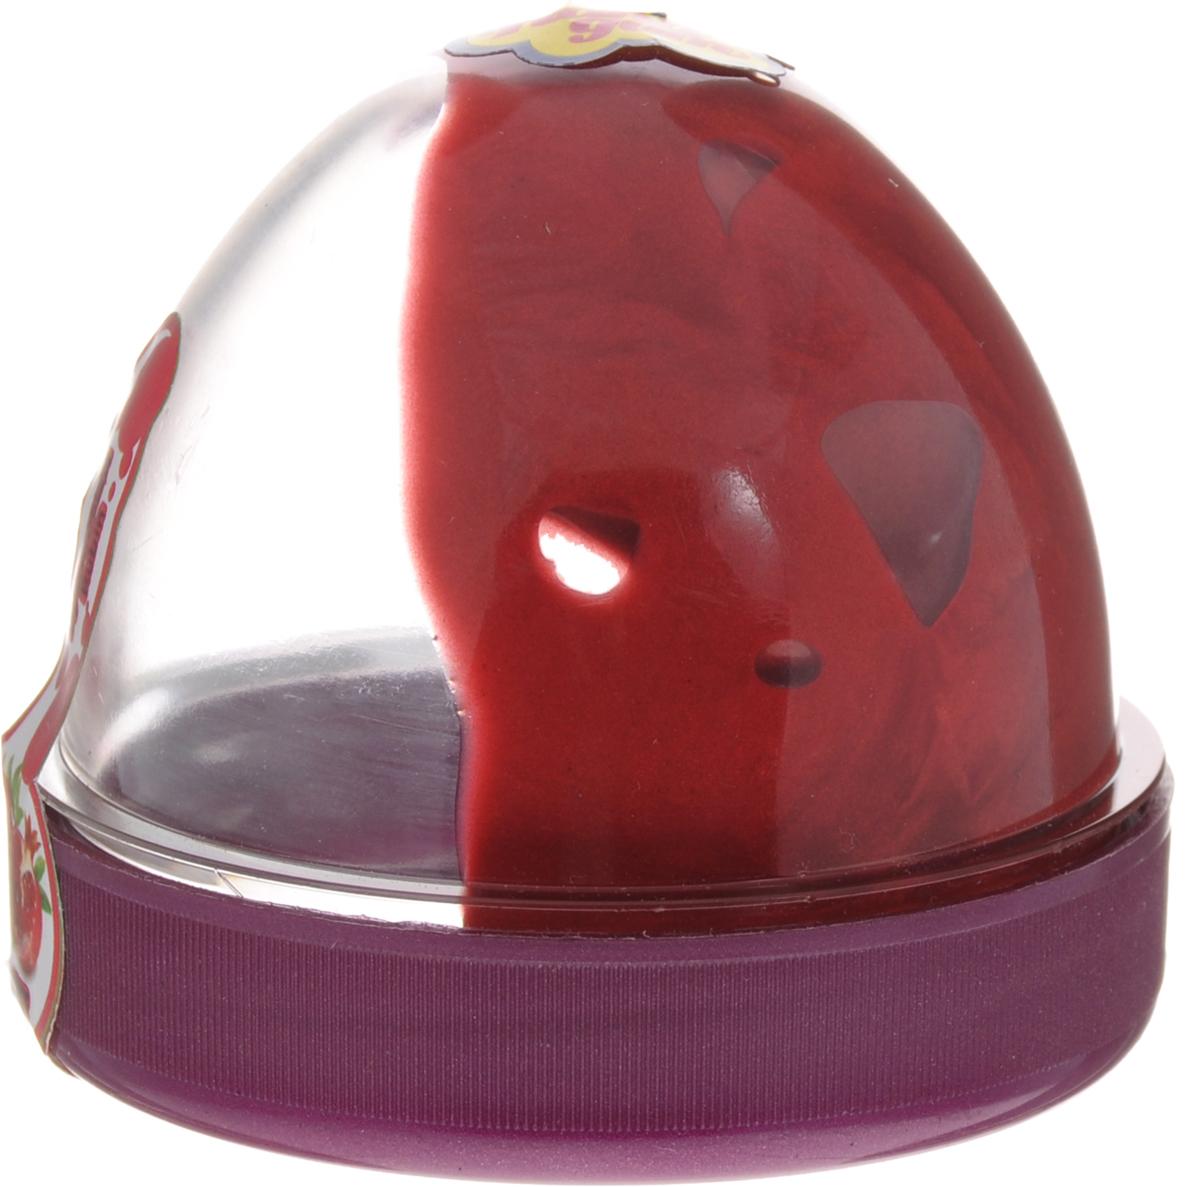 HandGum Жвачка для рук цвет рубиновый 35 г, Crazy Aaron